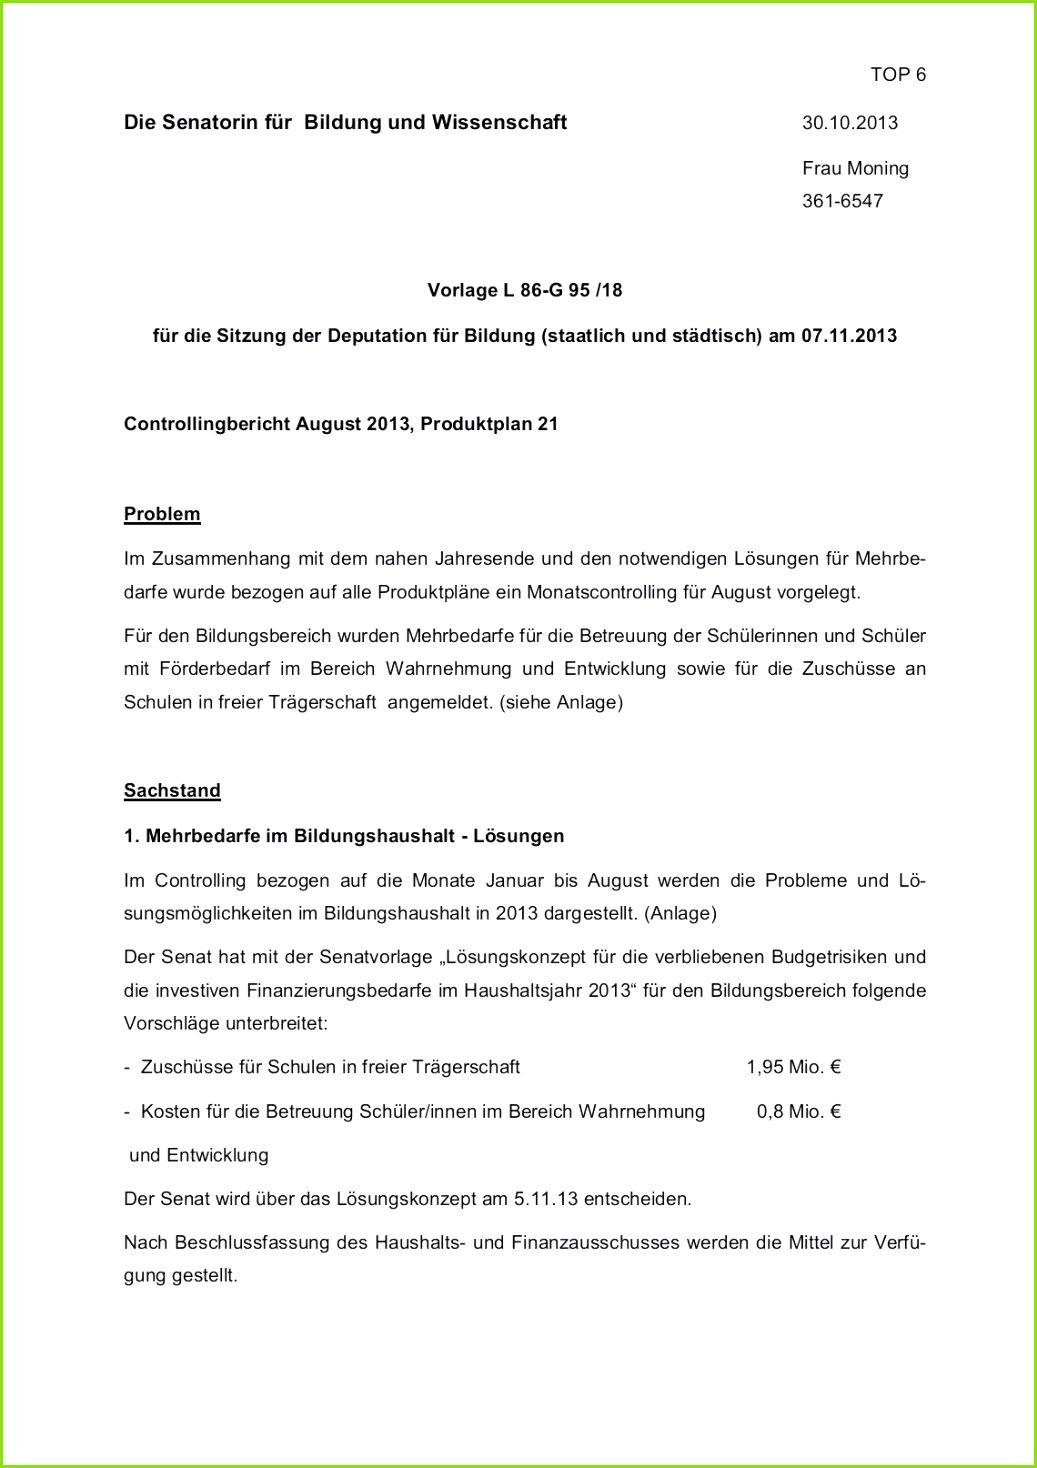 Niedlich Firmenprofil Vorlage Wort Galerie Entry Level Resume